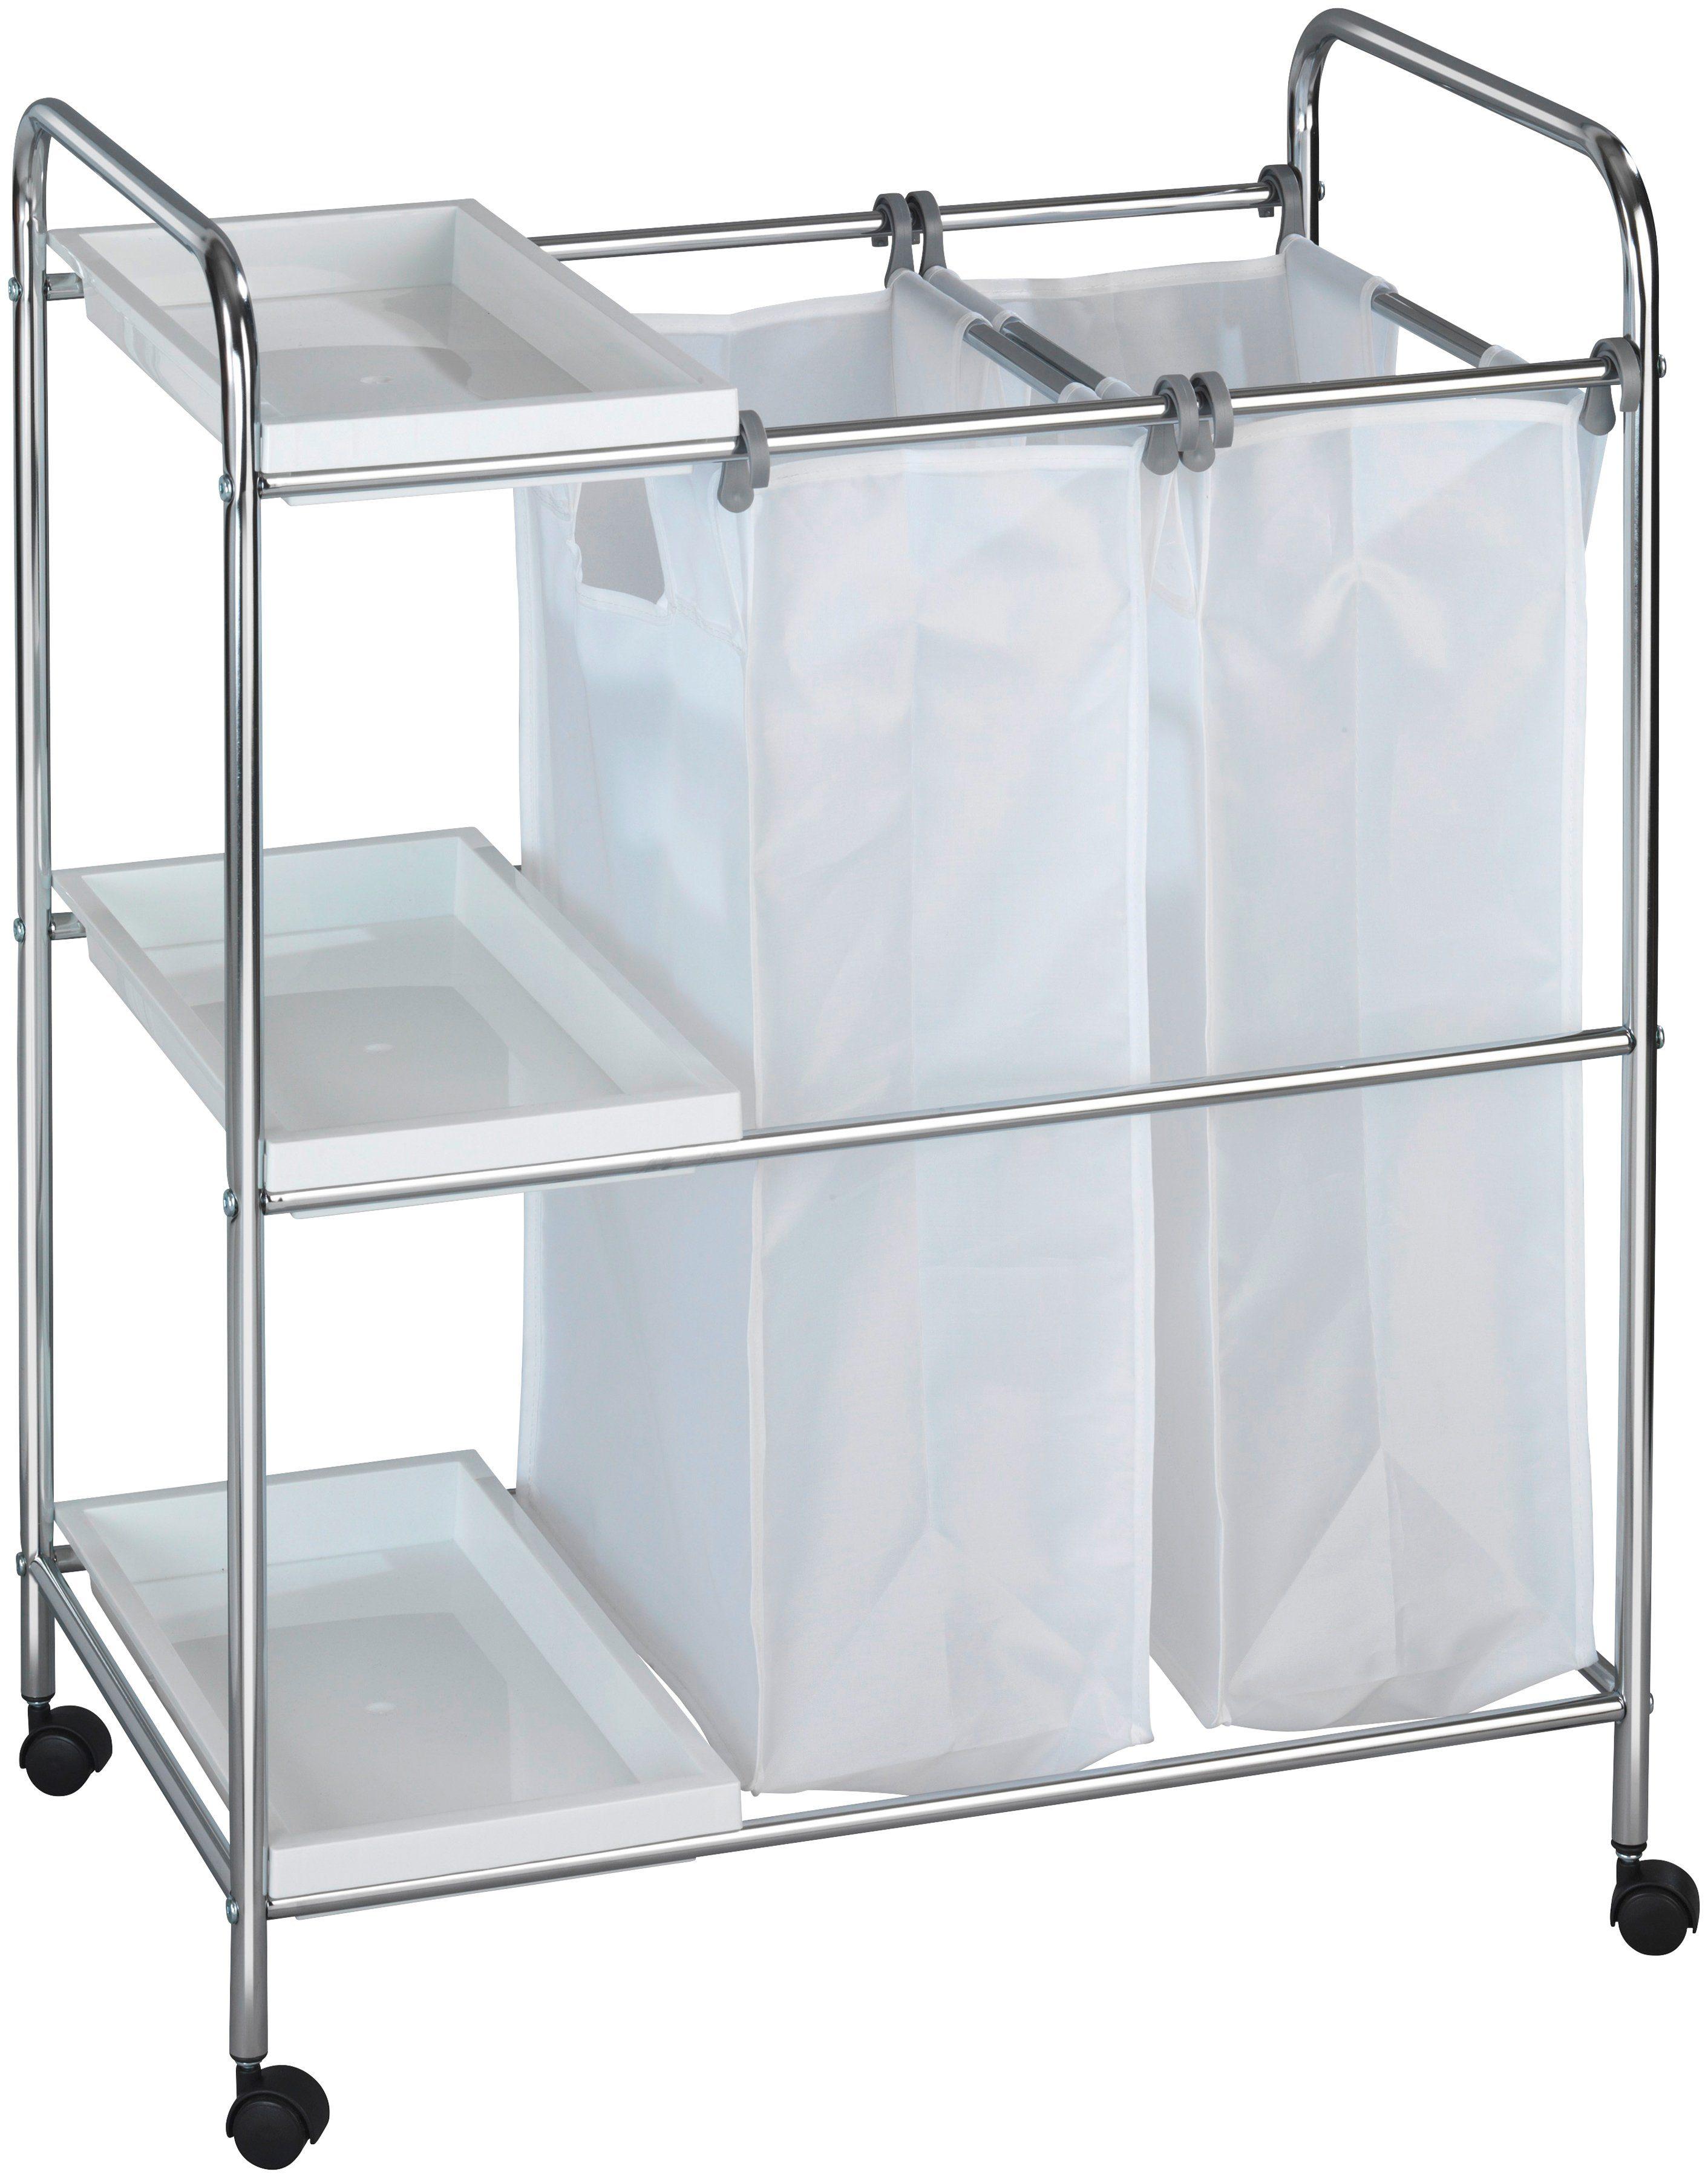 WENKO Wäschesammler »Wäschewagen Arona«, mit 3 Ablagen, 2 Wäschesäcke